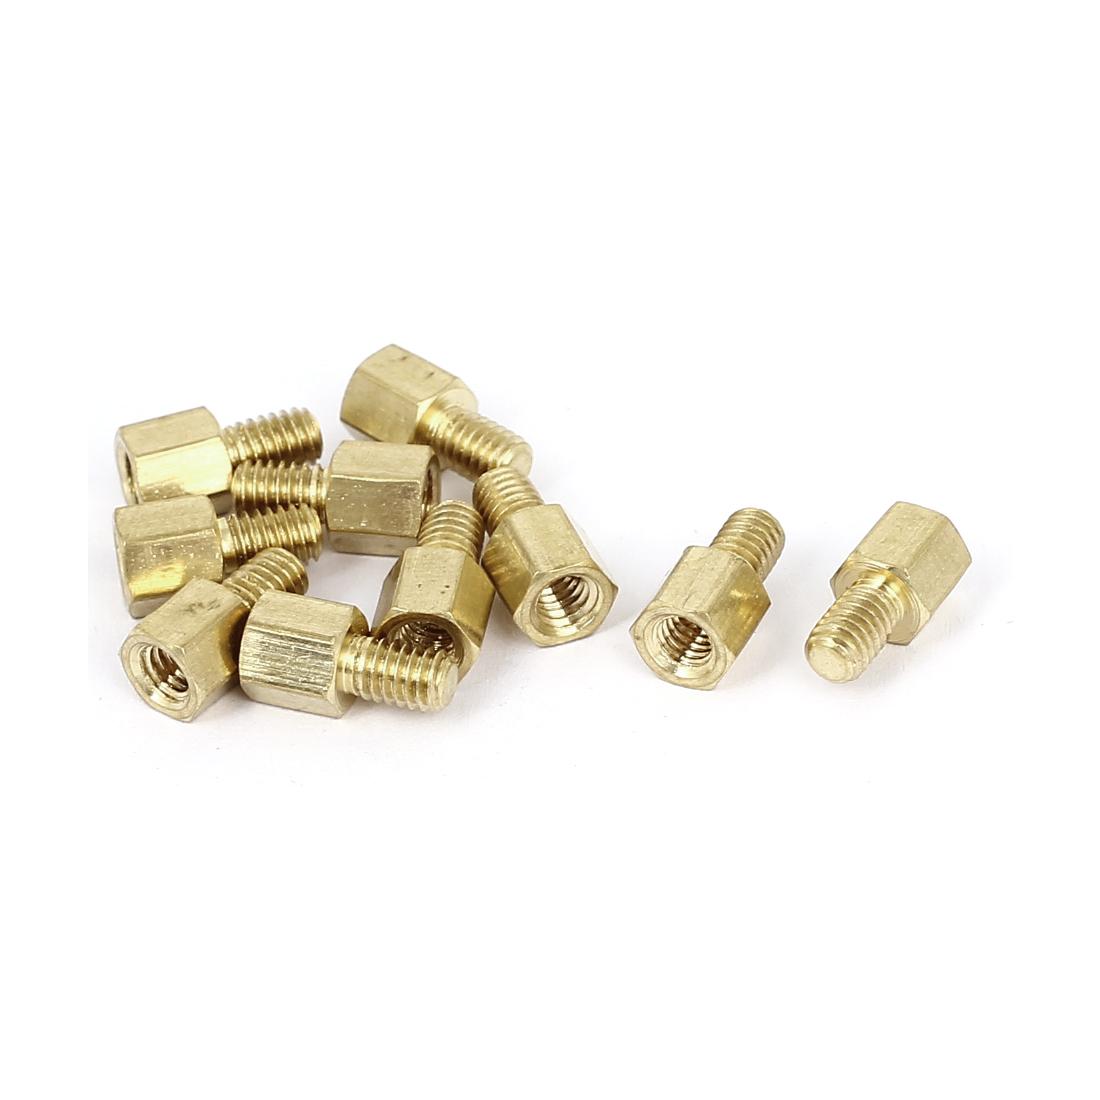 M4x6mm +6mm Filetage male à femelle 0.7mm entretoise espaceur hexagonale laiton Hauteur 10Pcs - image 2 de 2